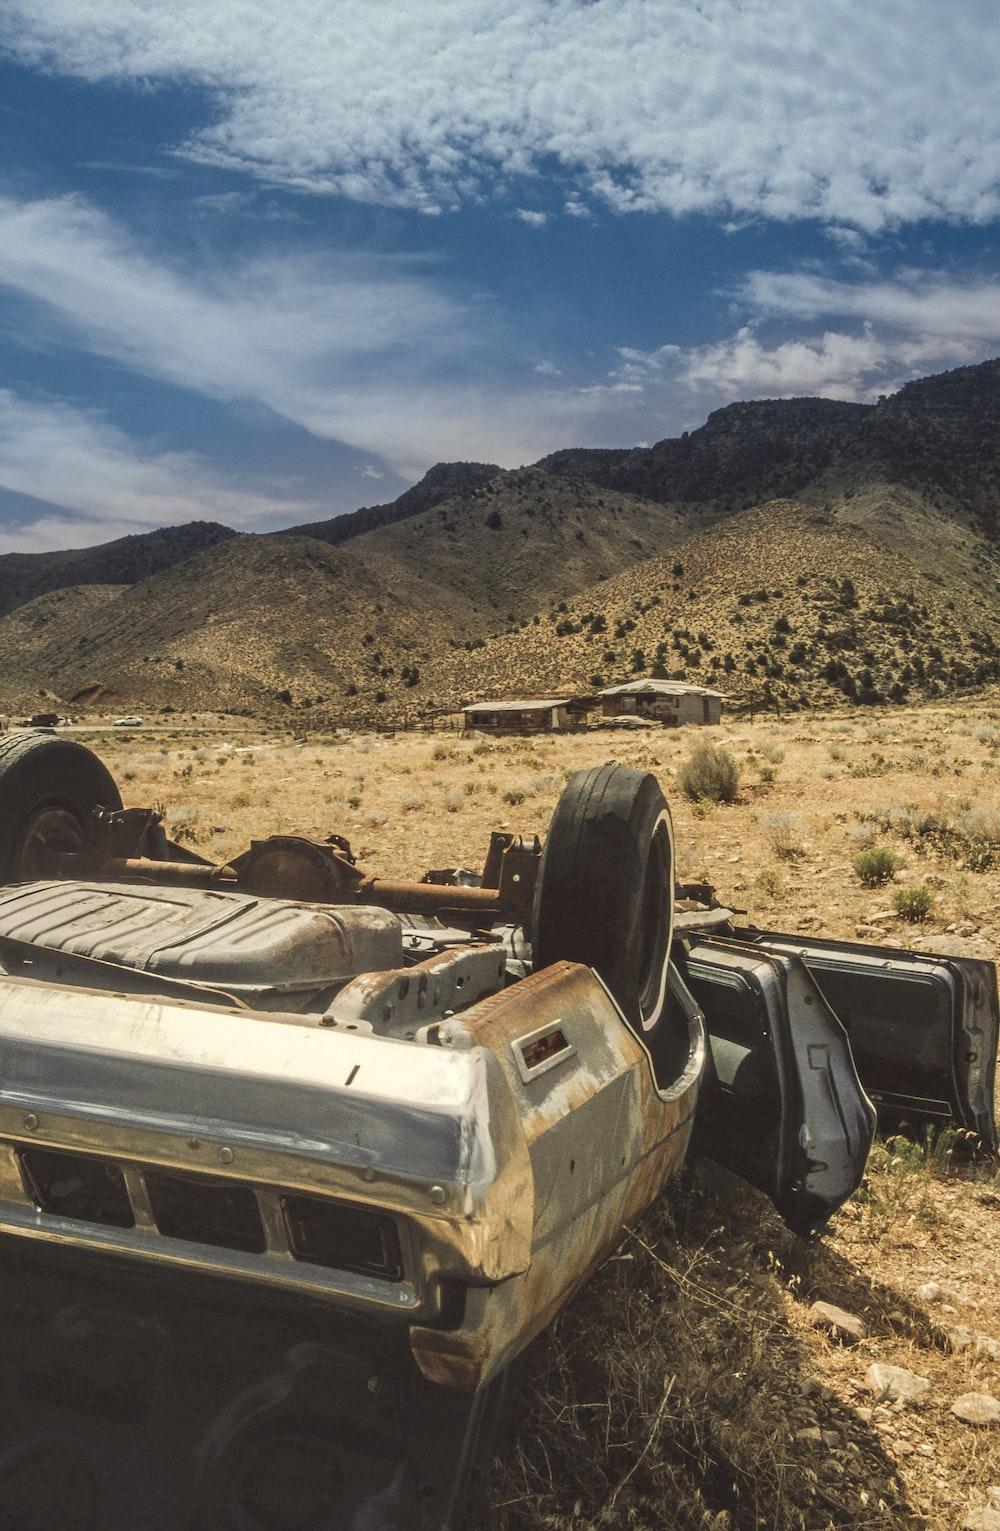 abandoned car on sand